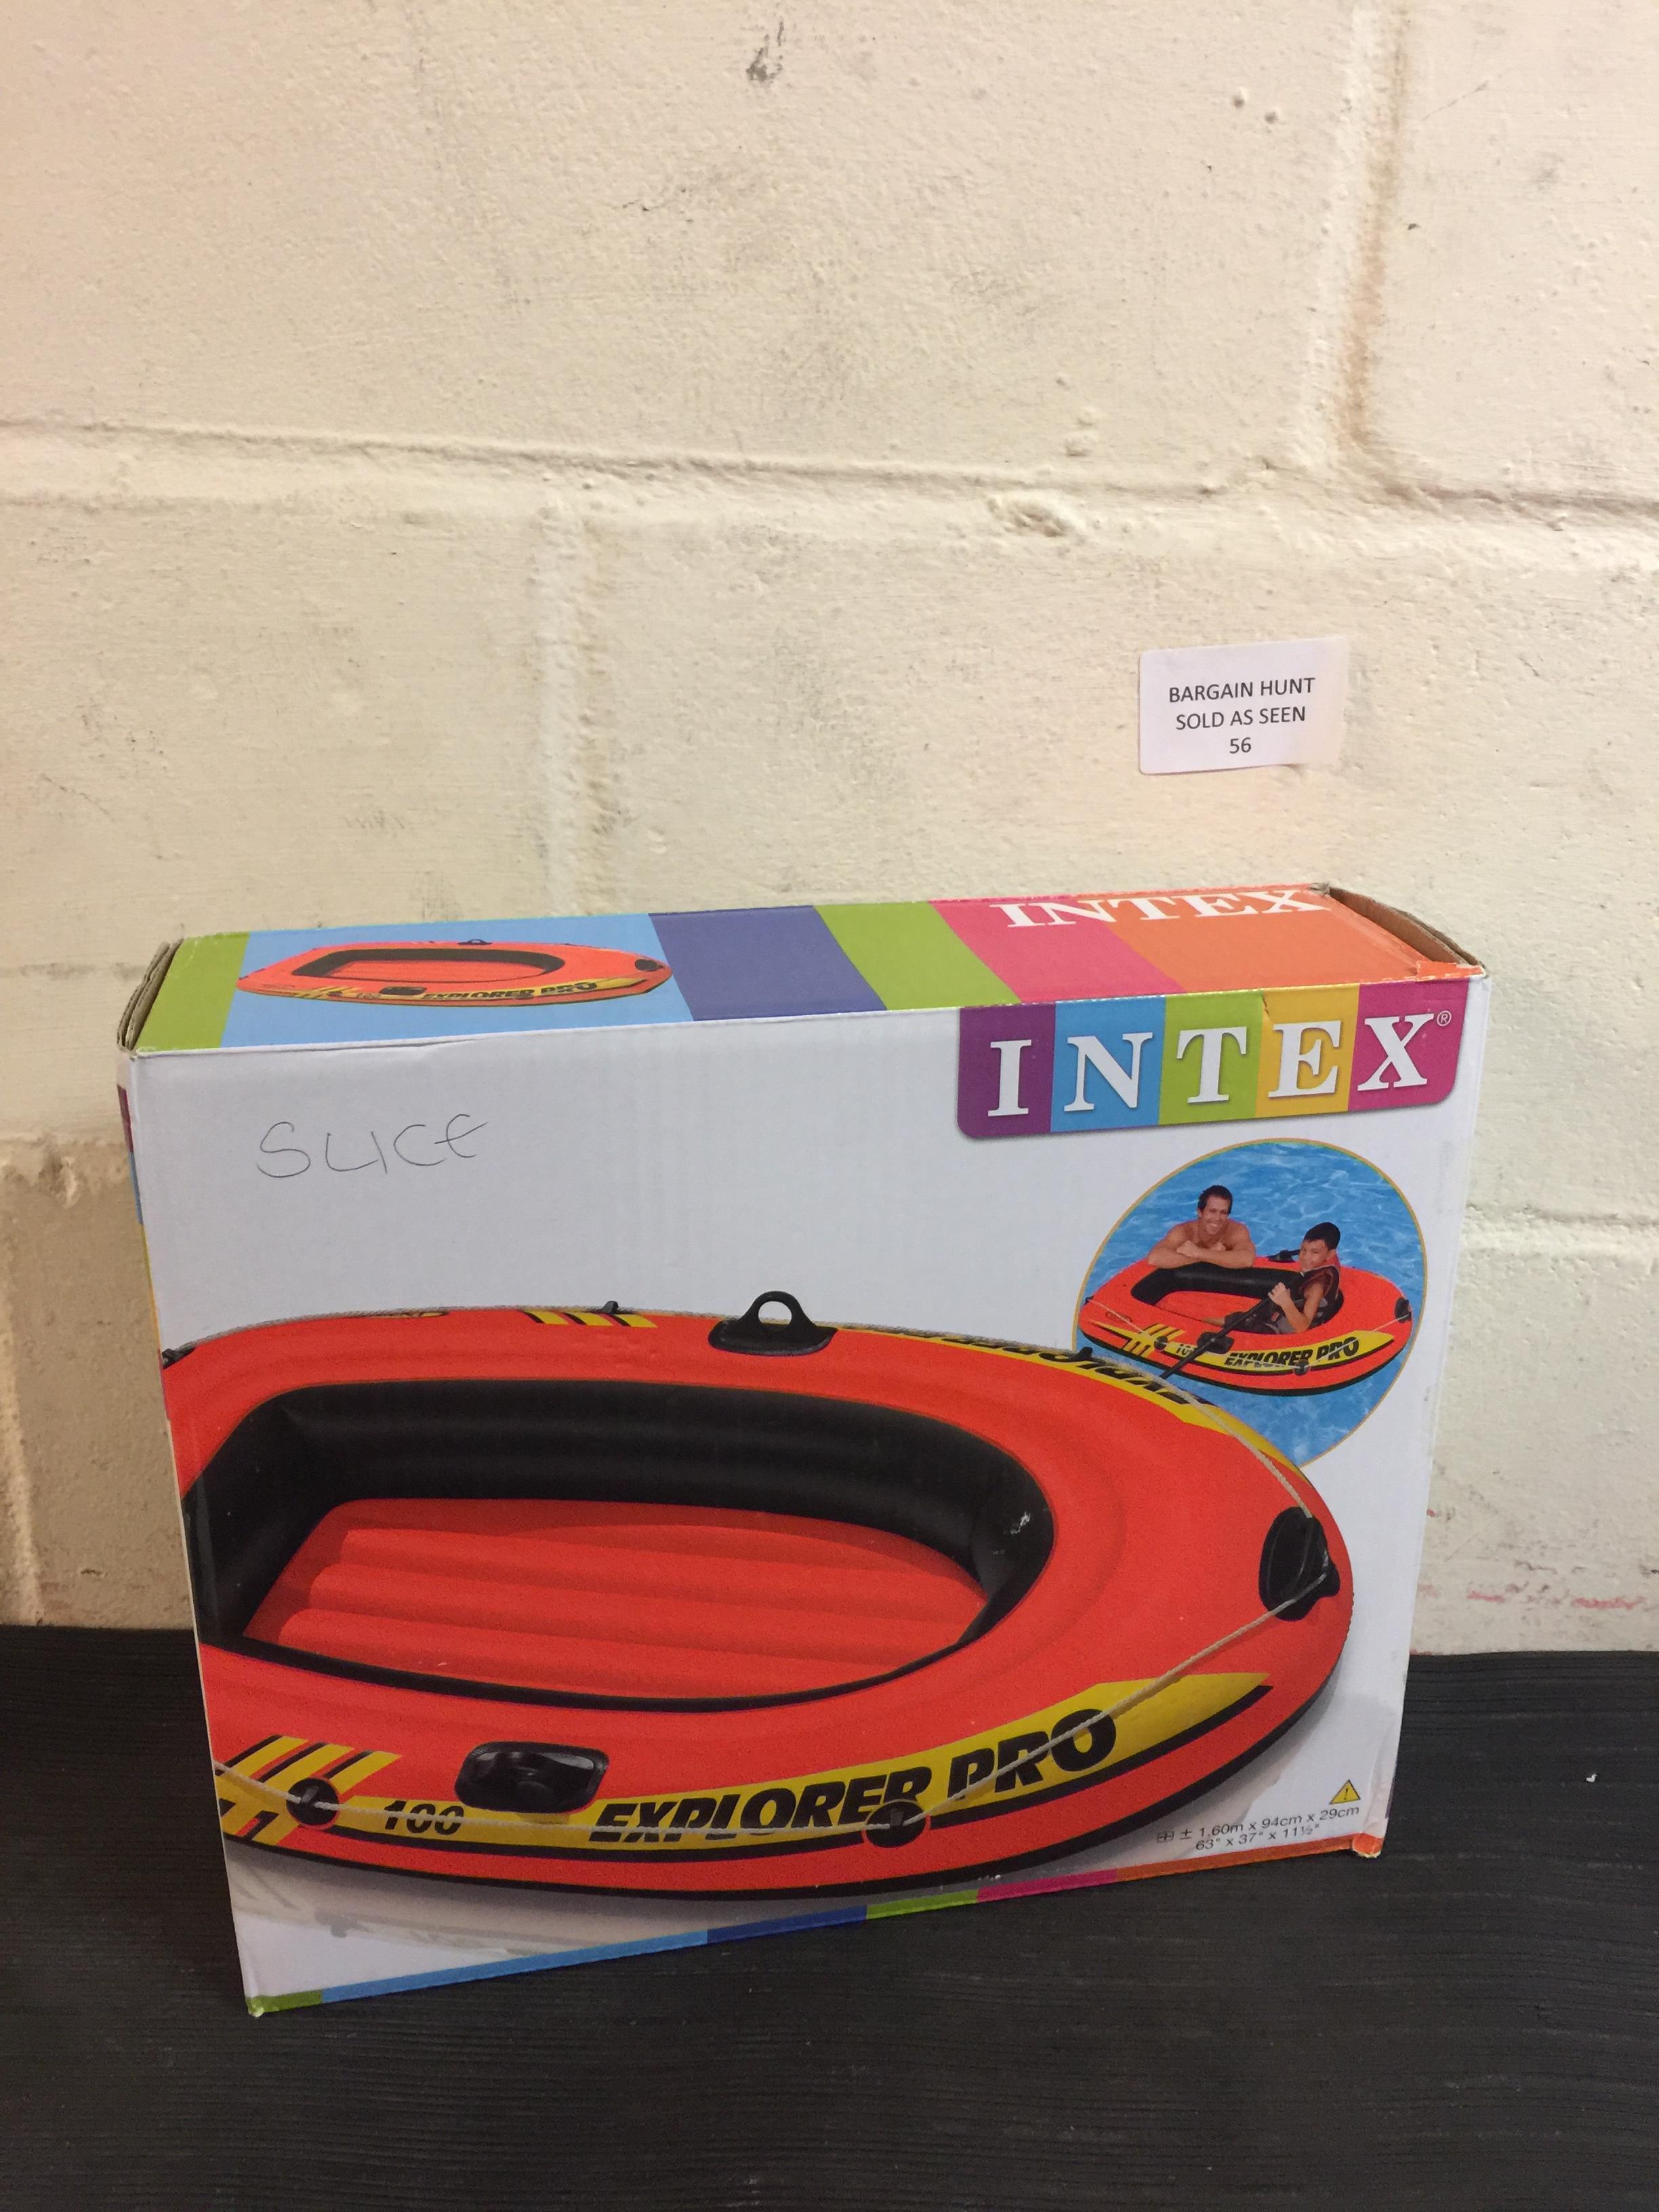 Lot 56 - Intex Explorer Pro Inflatable Boat